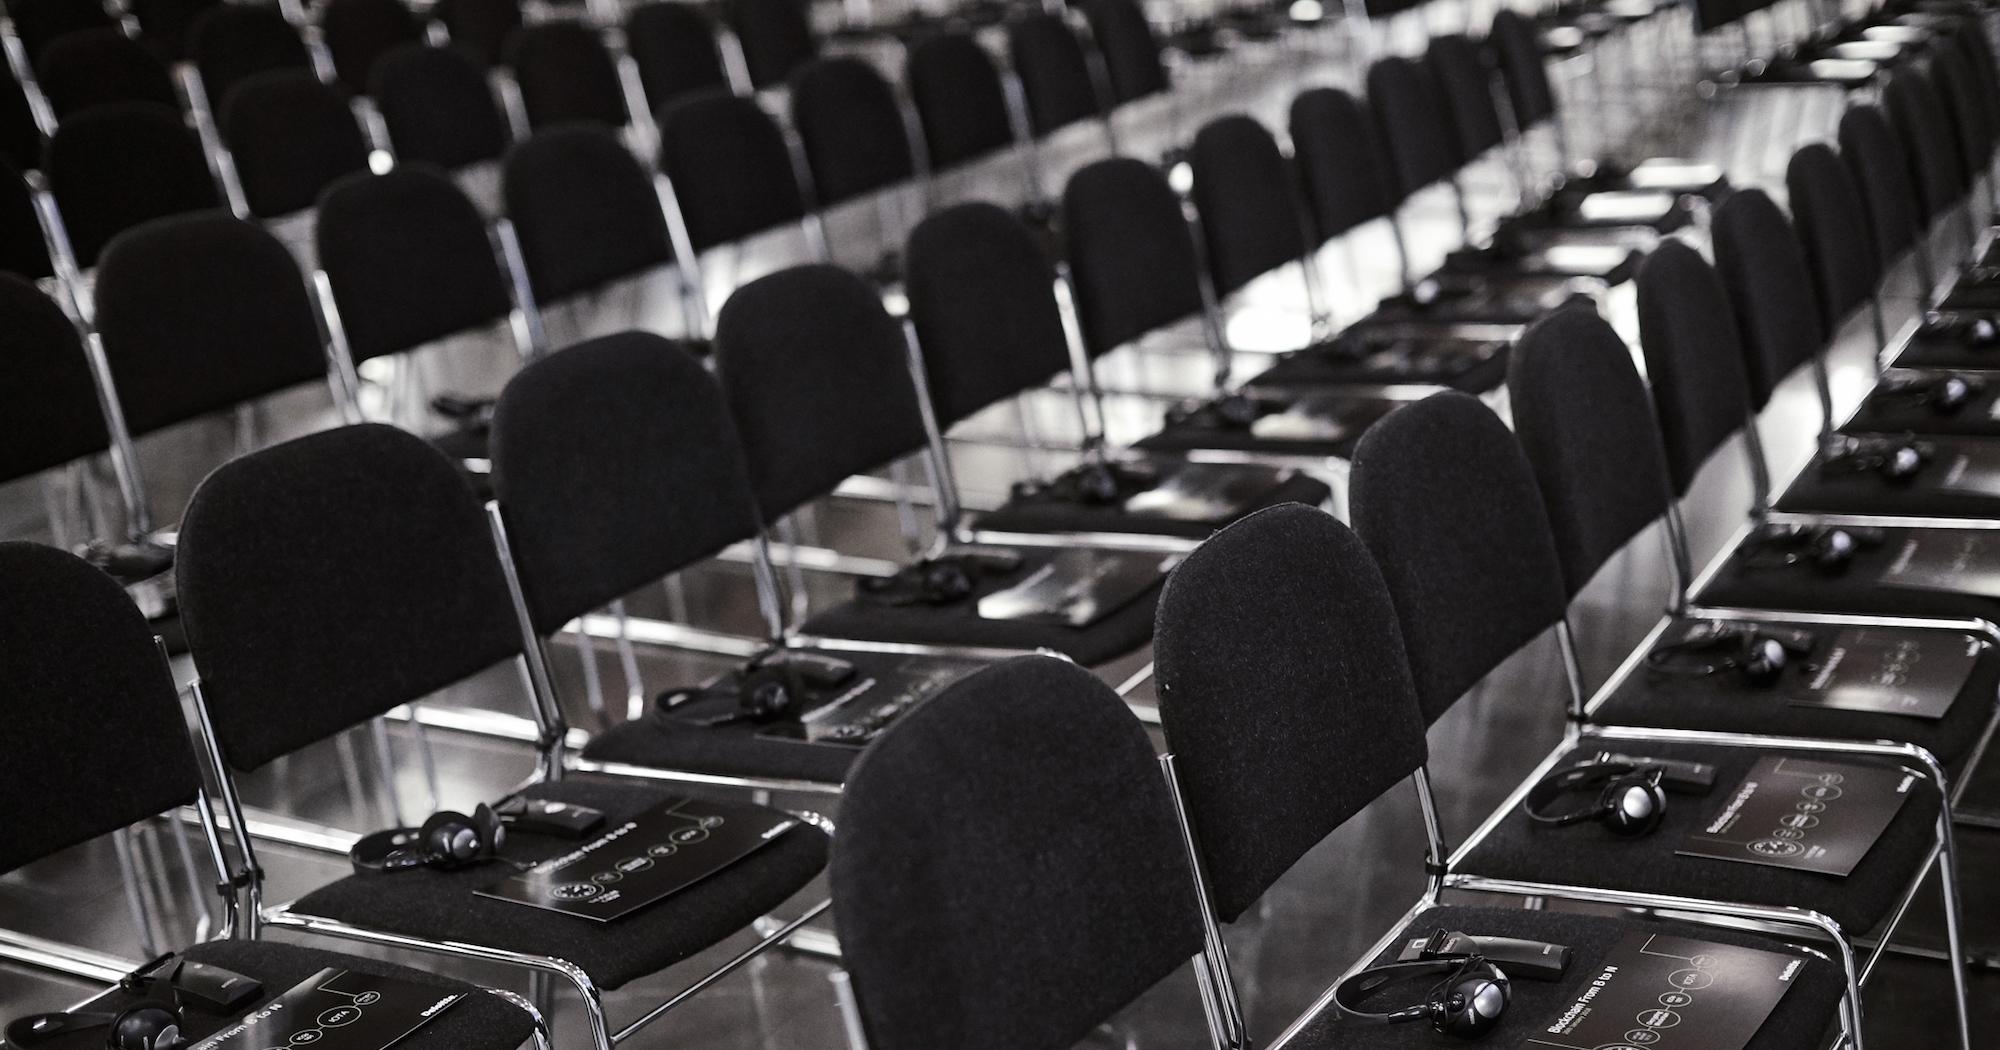 eventbureau københavn konference